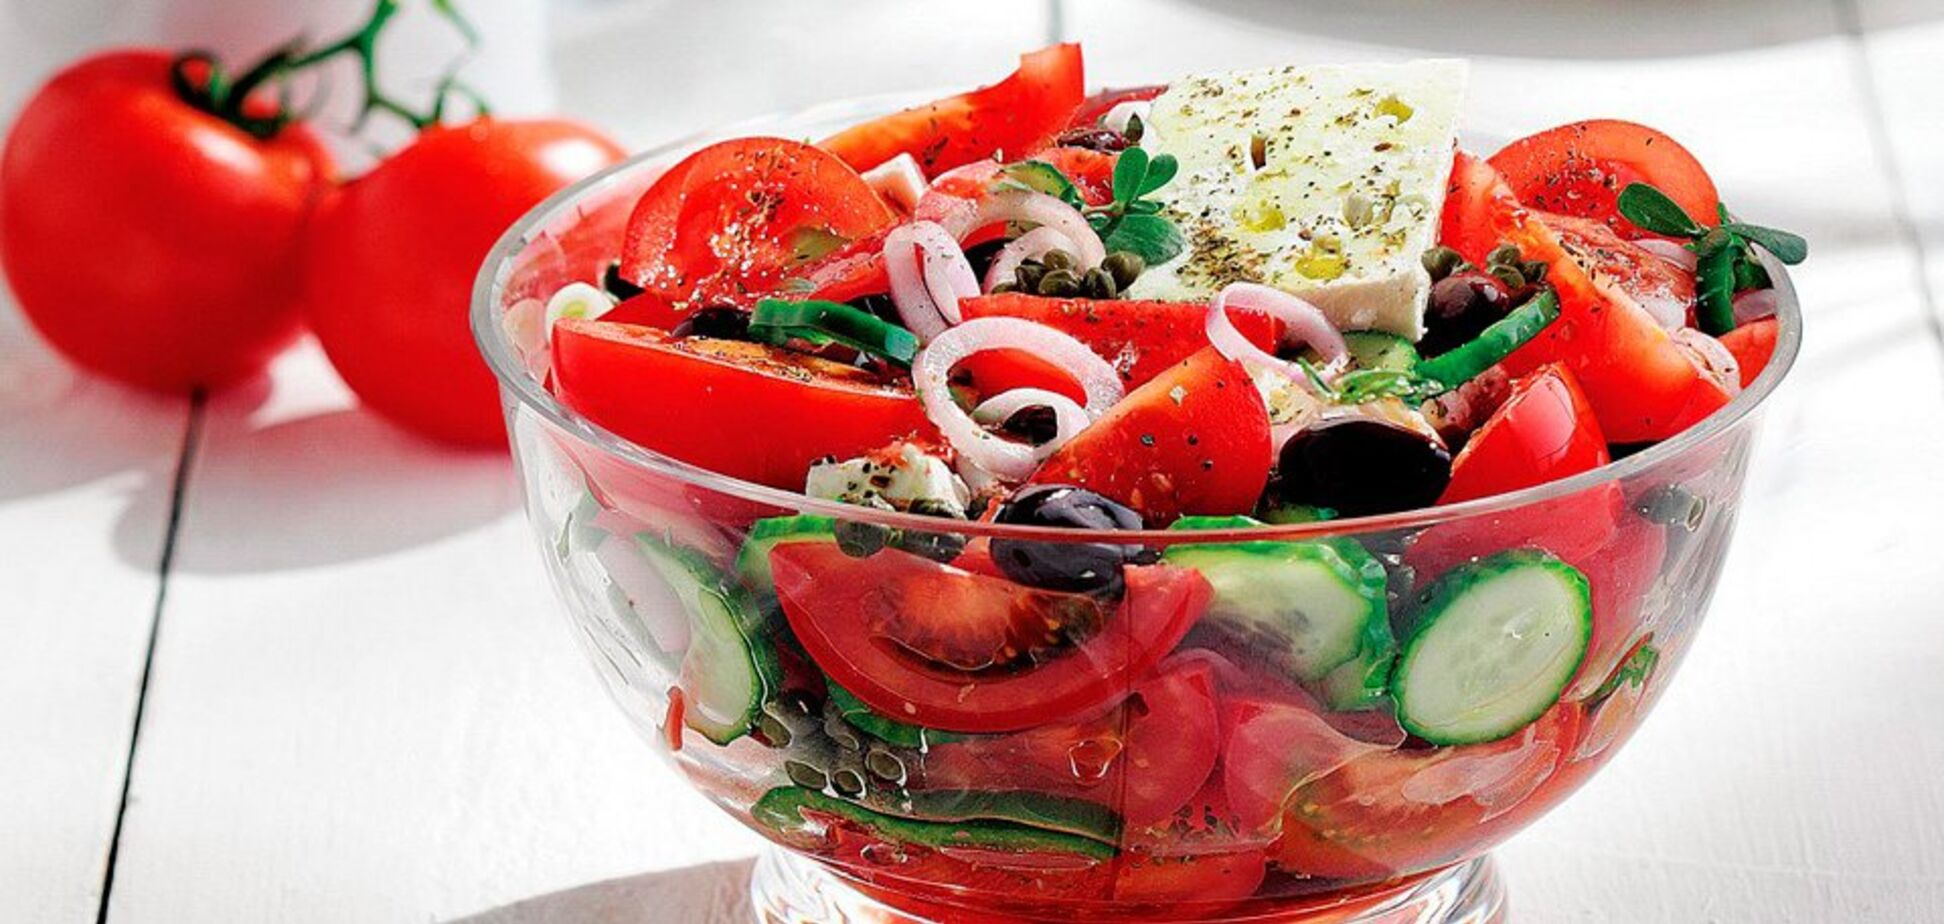 Греческий салат за 20 минут: простой рецепт с видео